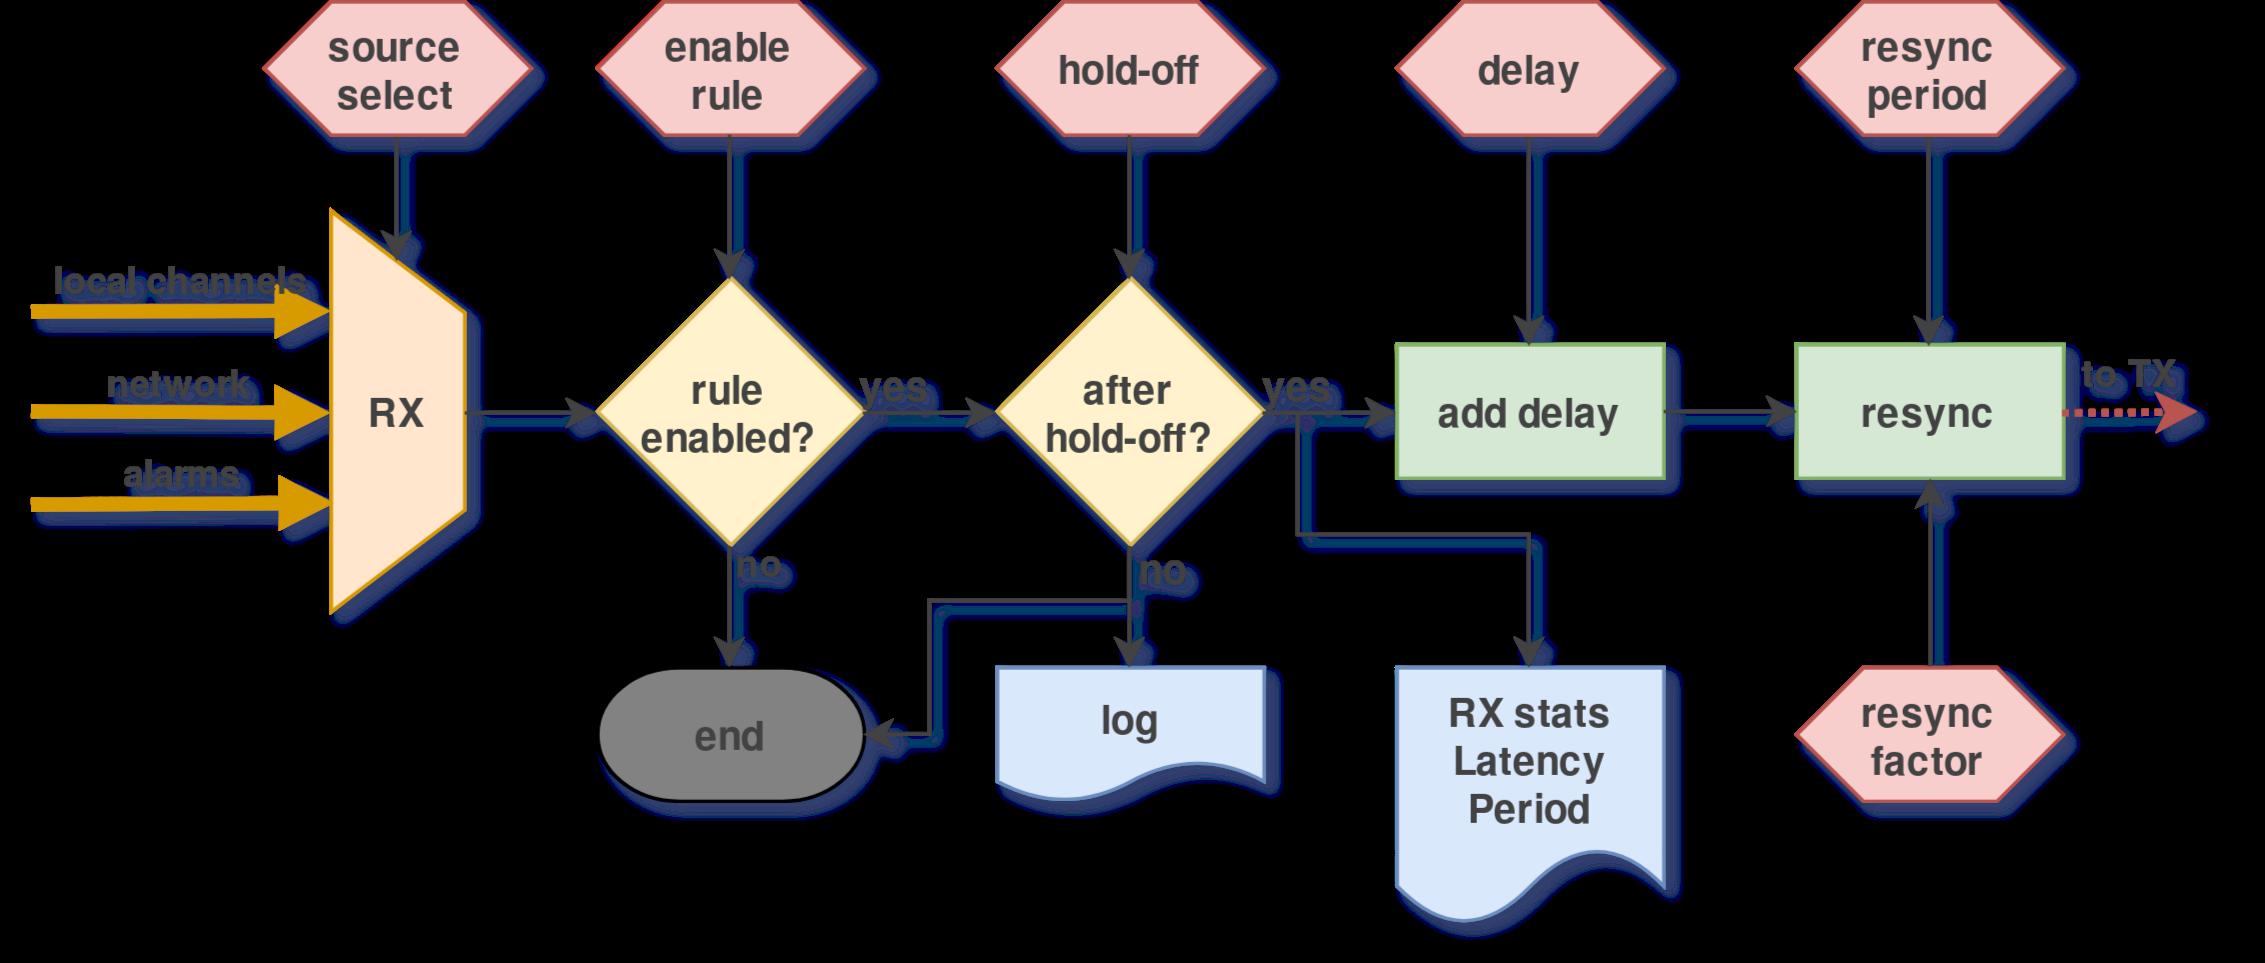 doc/graphics/wrtd_rule_rx.png